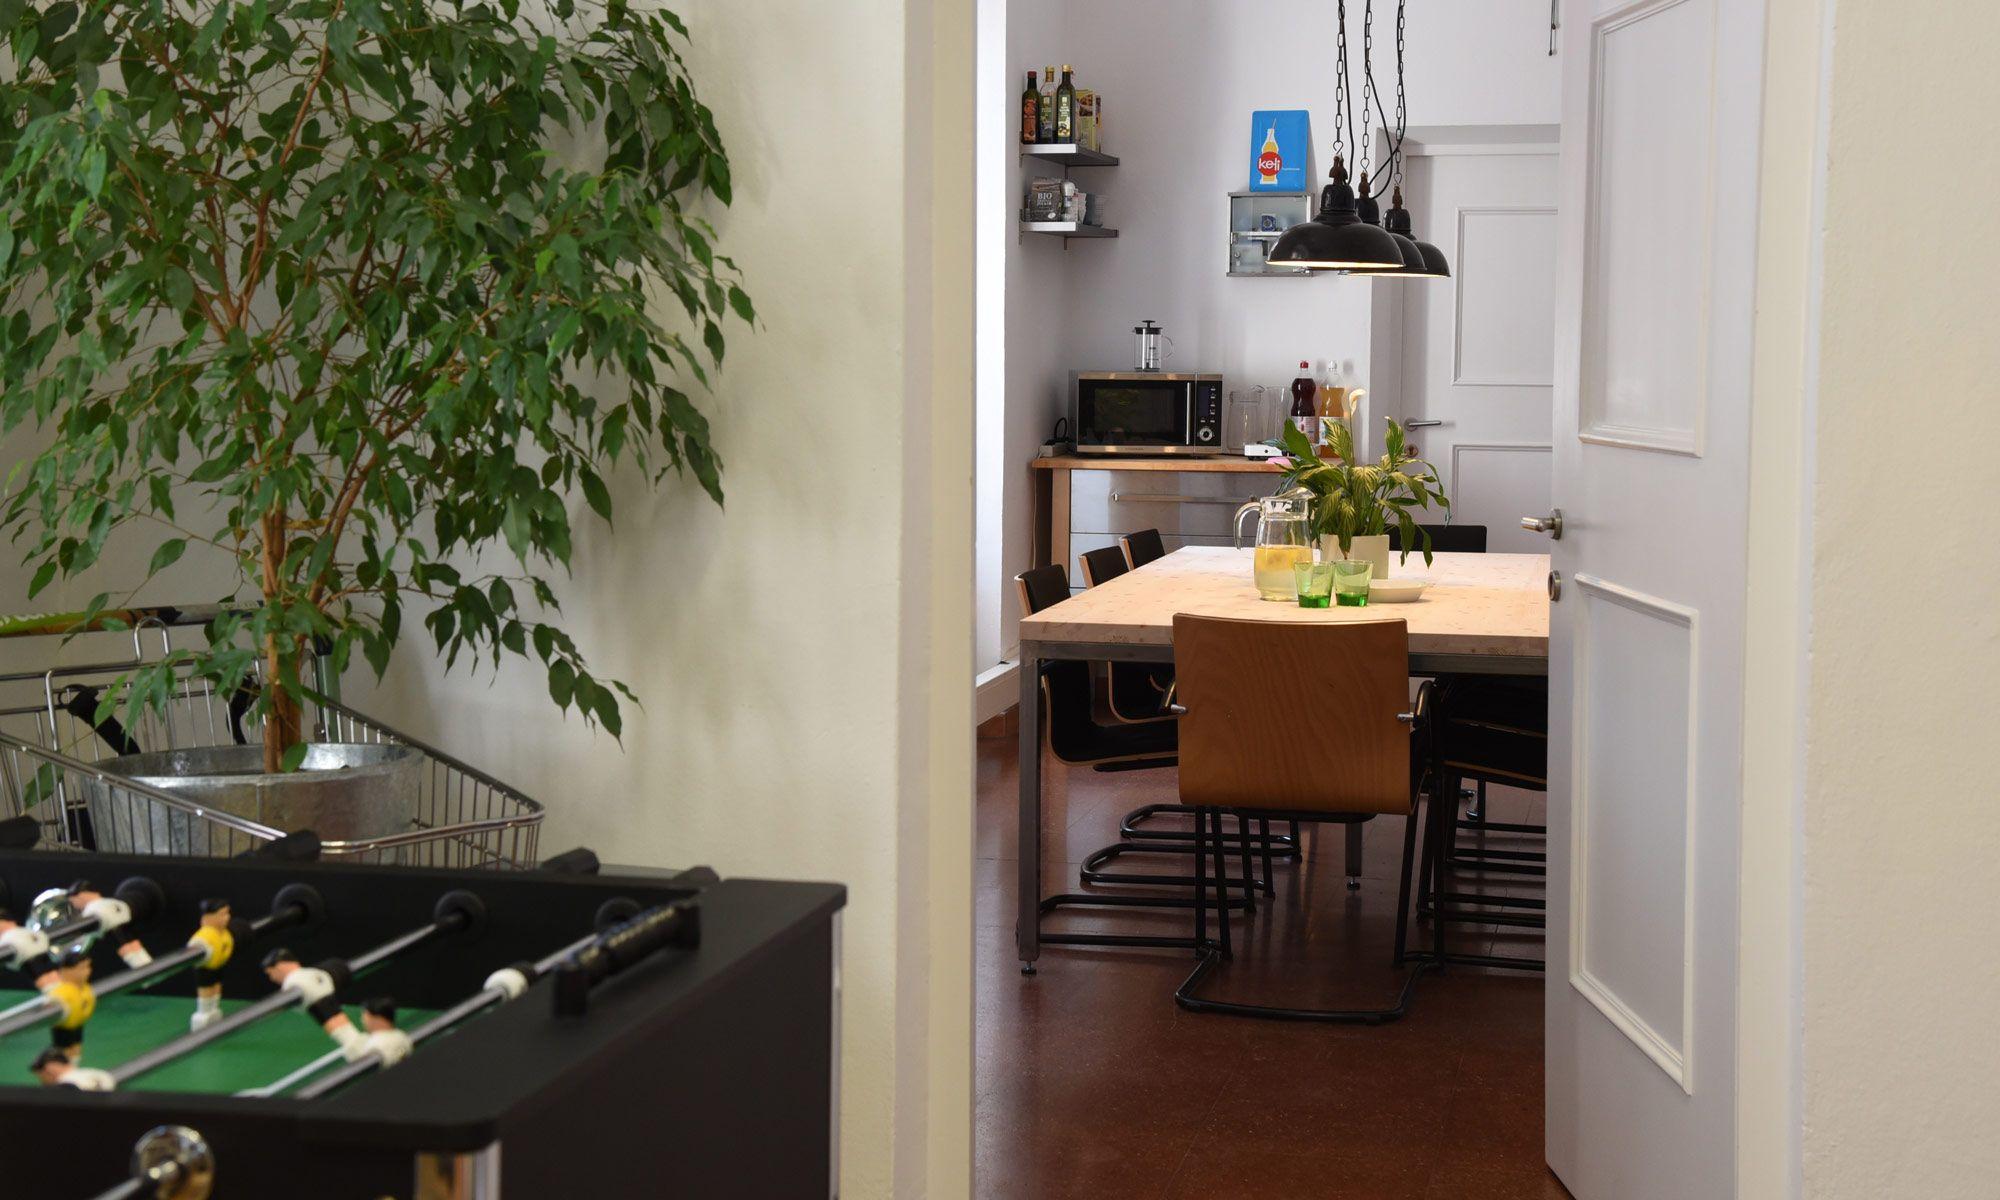 foxx_e Schreibtisch Doppelarbeitsplatz | COWORKING | Pinterest